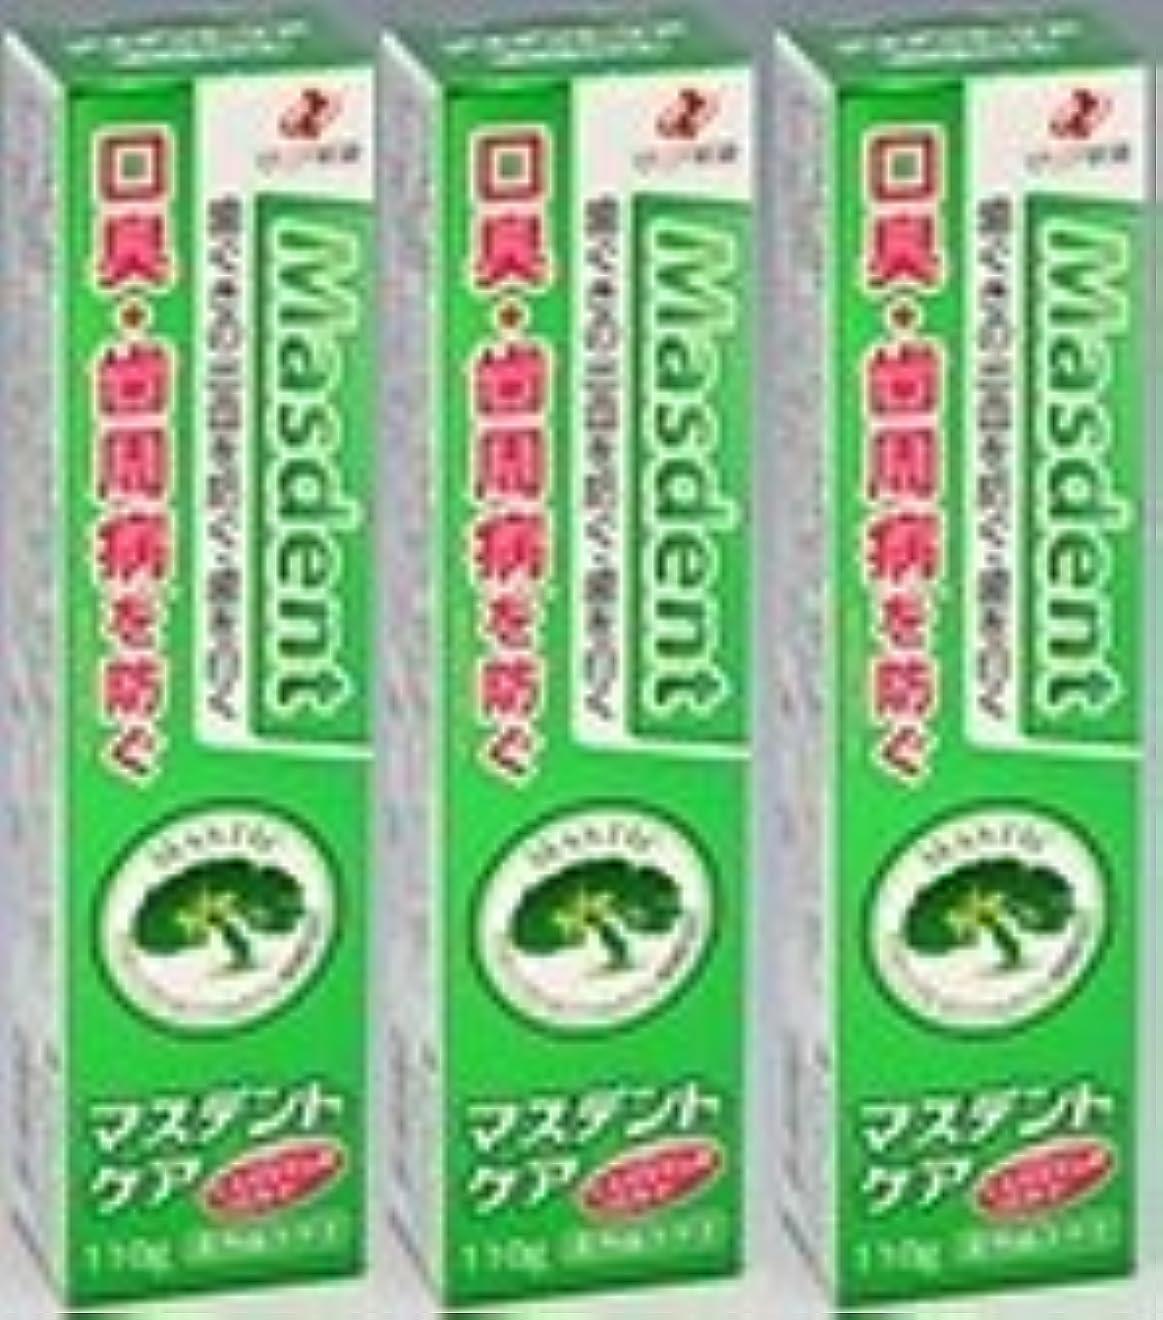 アラビア語ペンフレンド注目すべき薬用歯磨き マスデントケア110g×3本セット